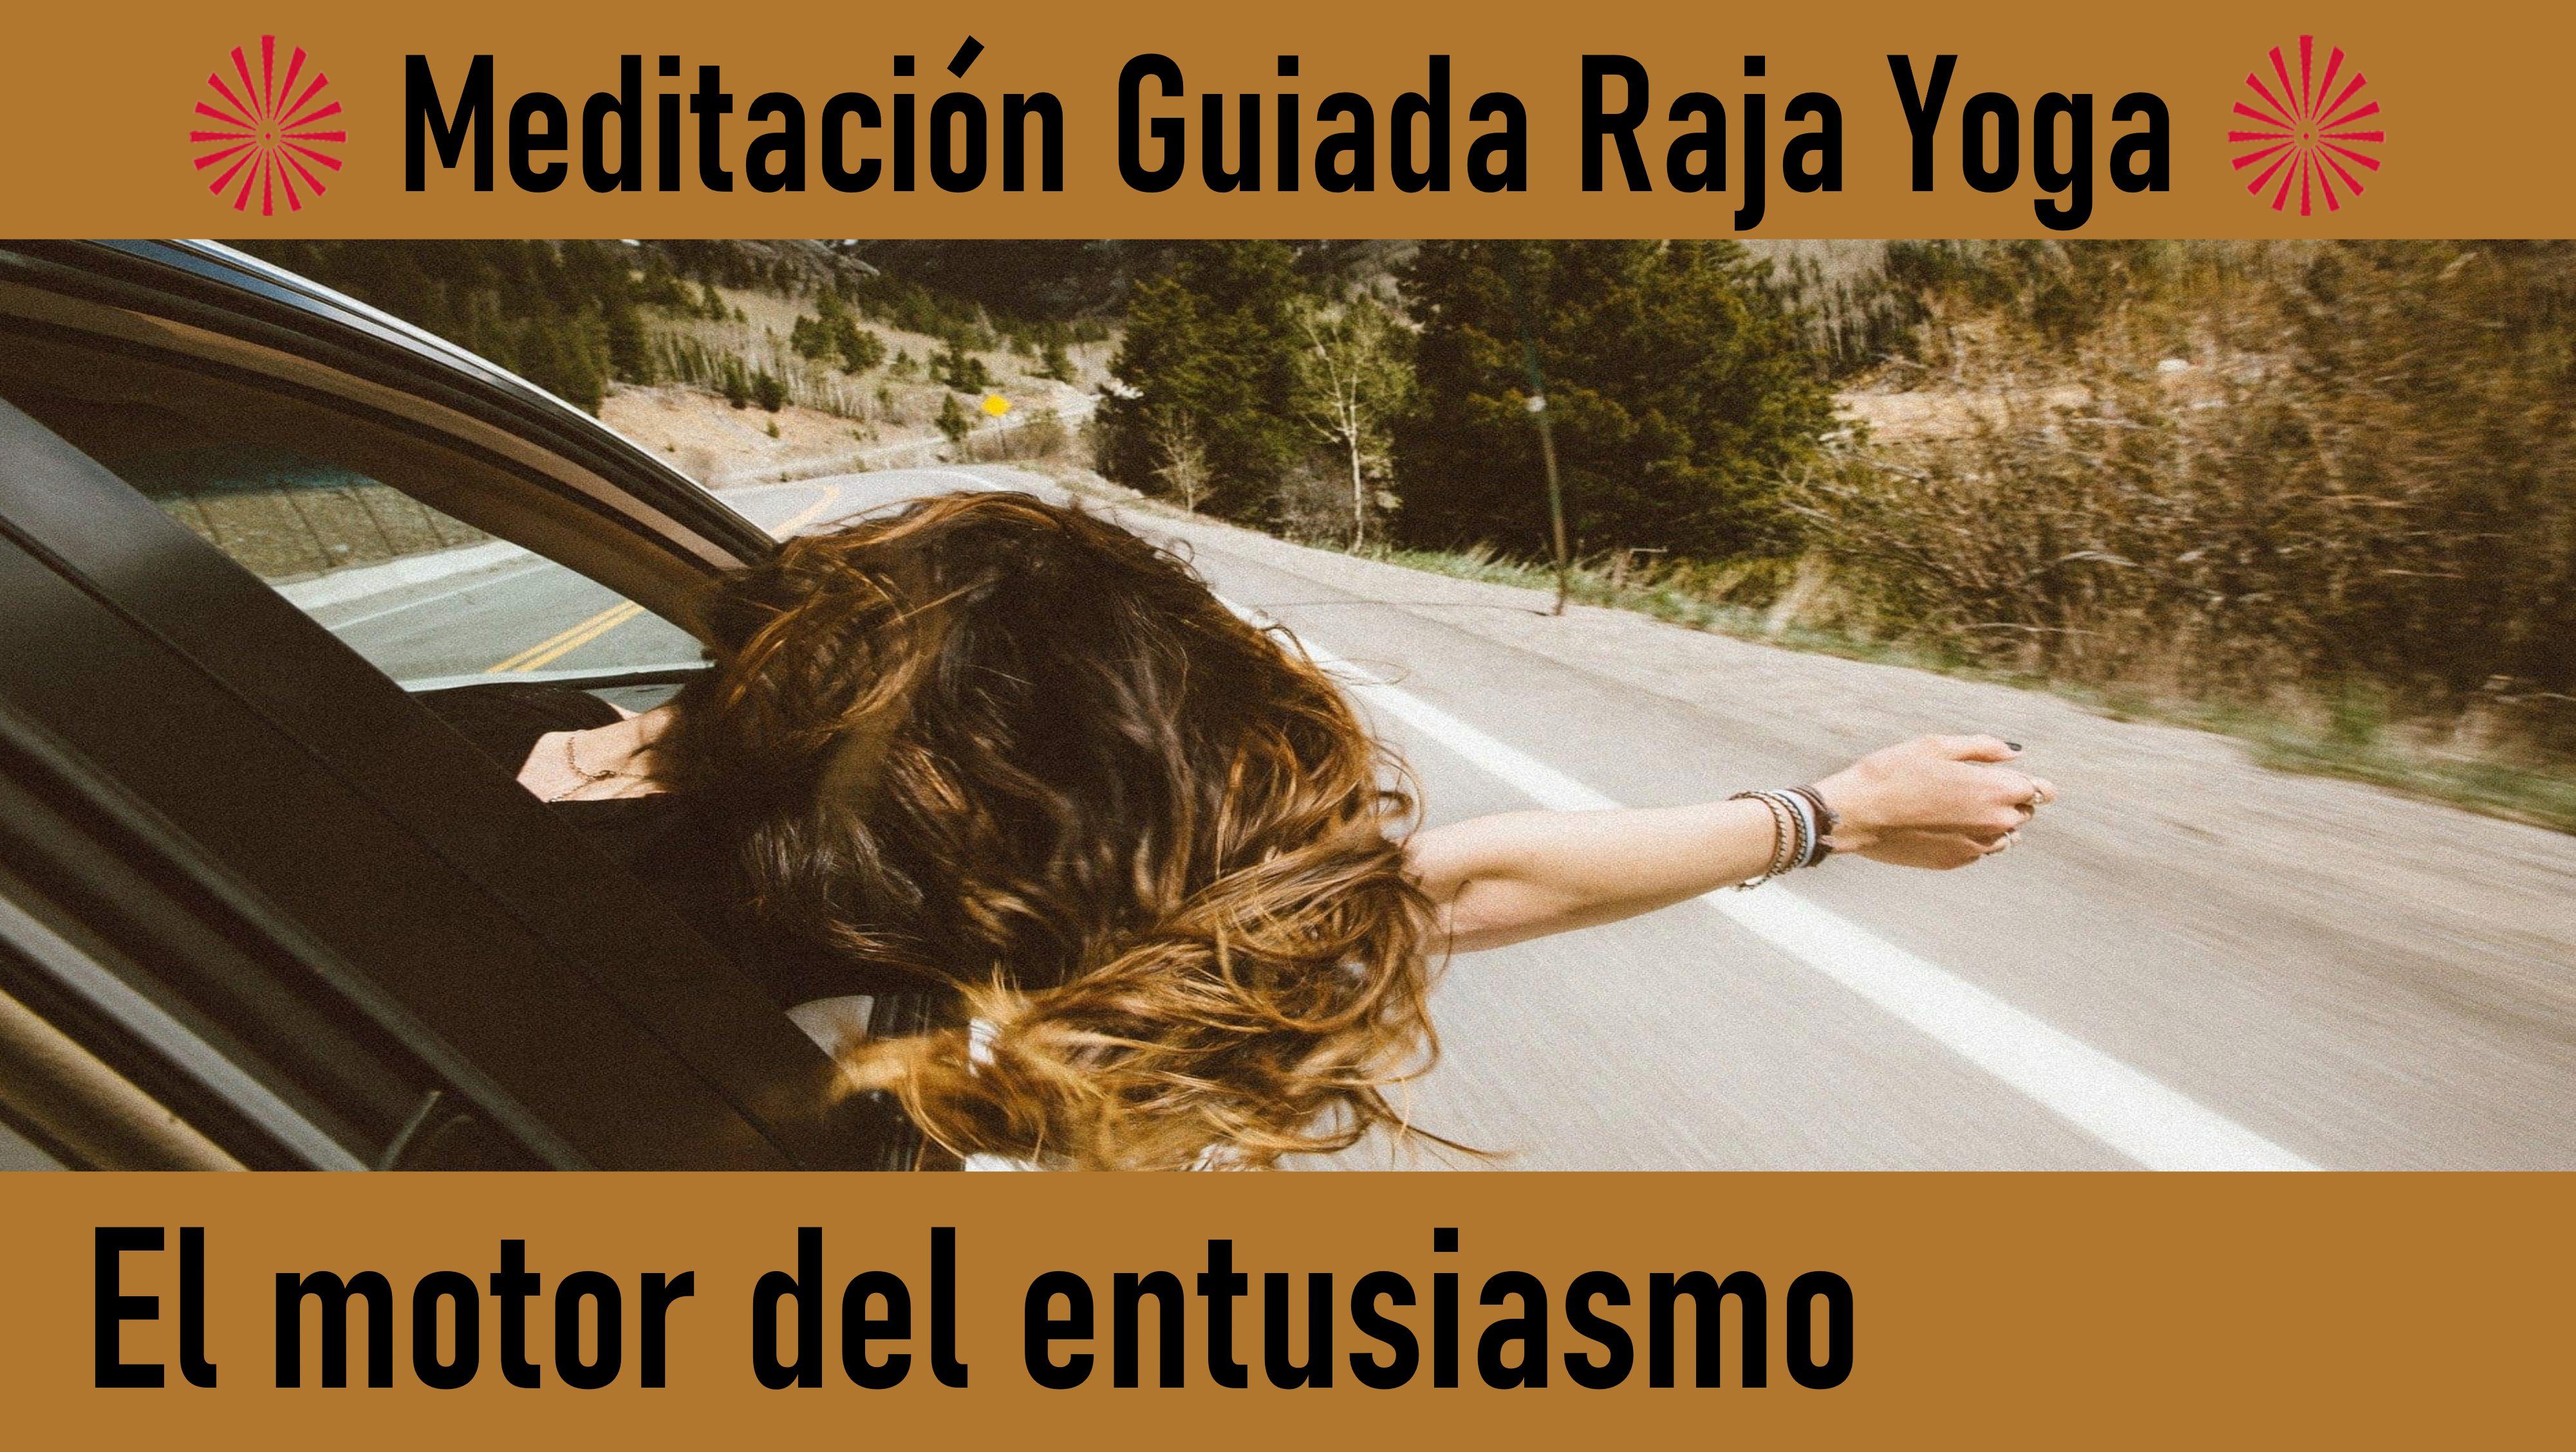 Meditación Raja Yoga: El motor del entusiasmo (8Junio 2020) On-line desde Madrid